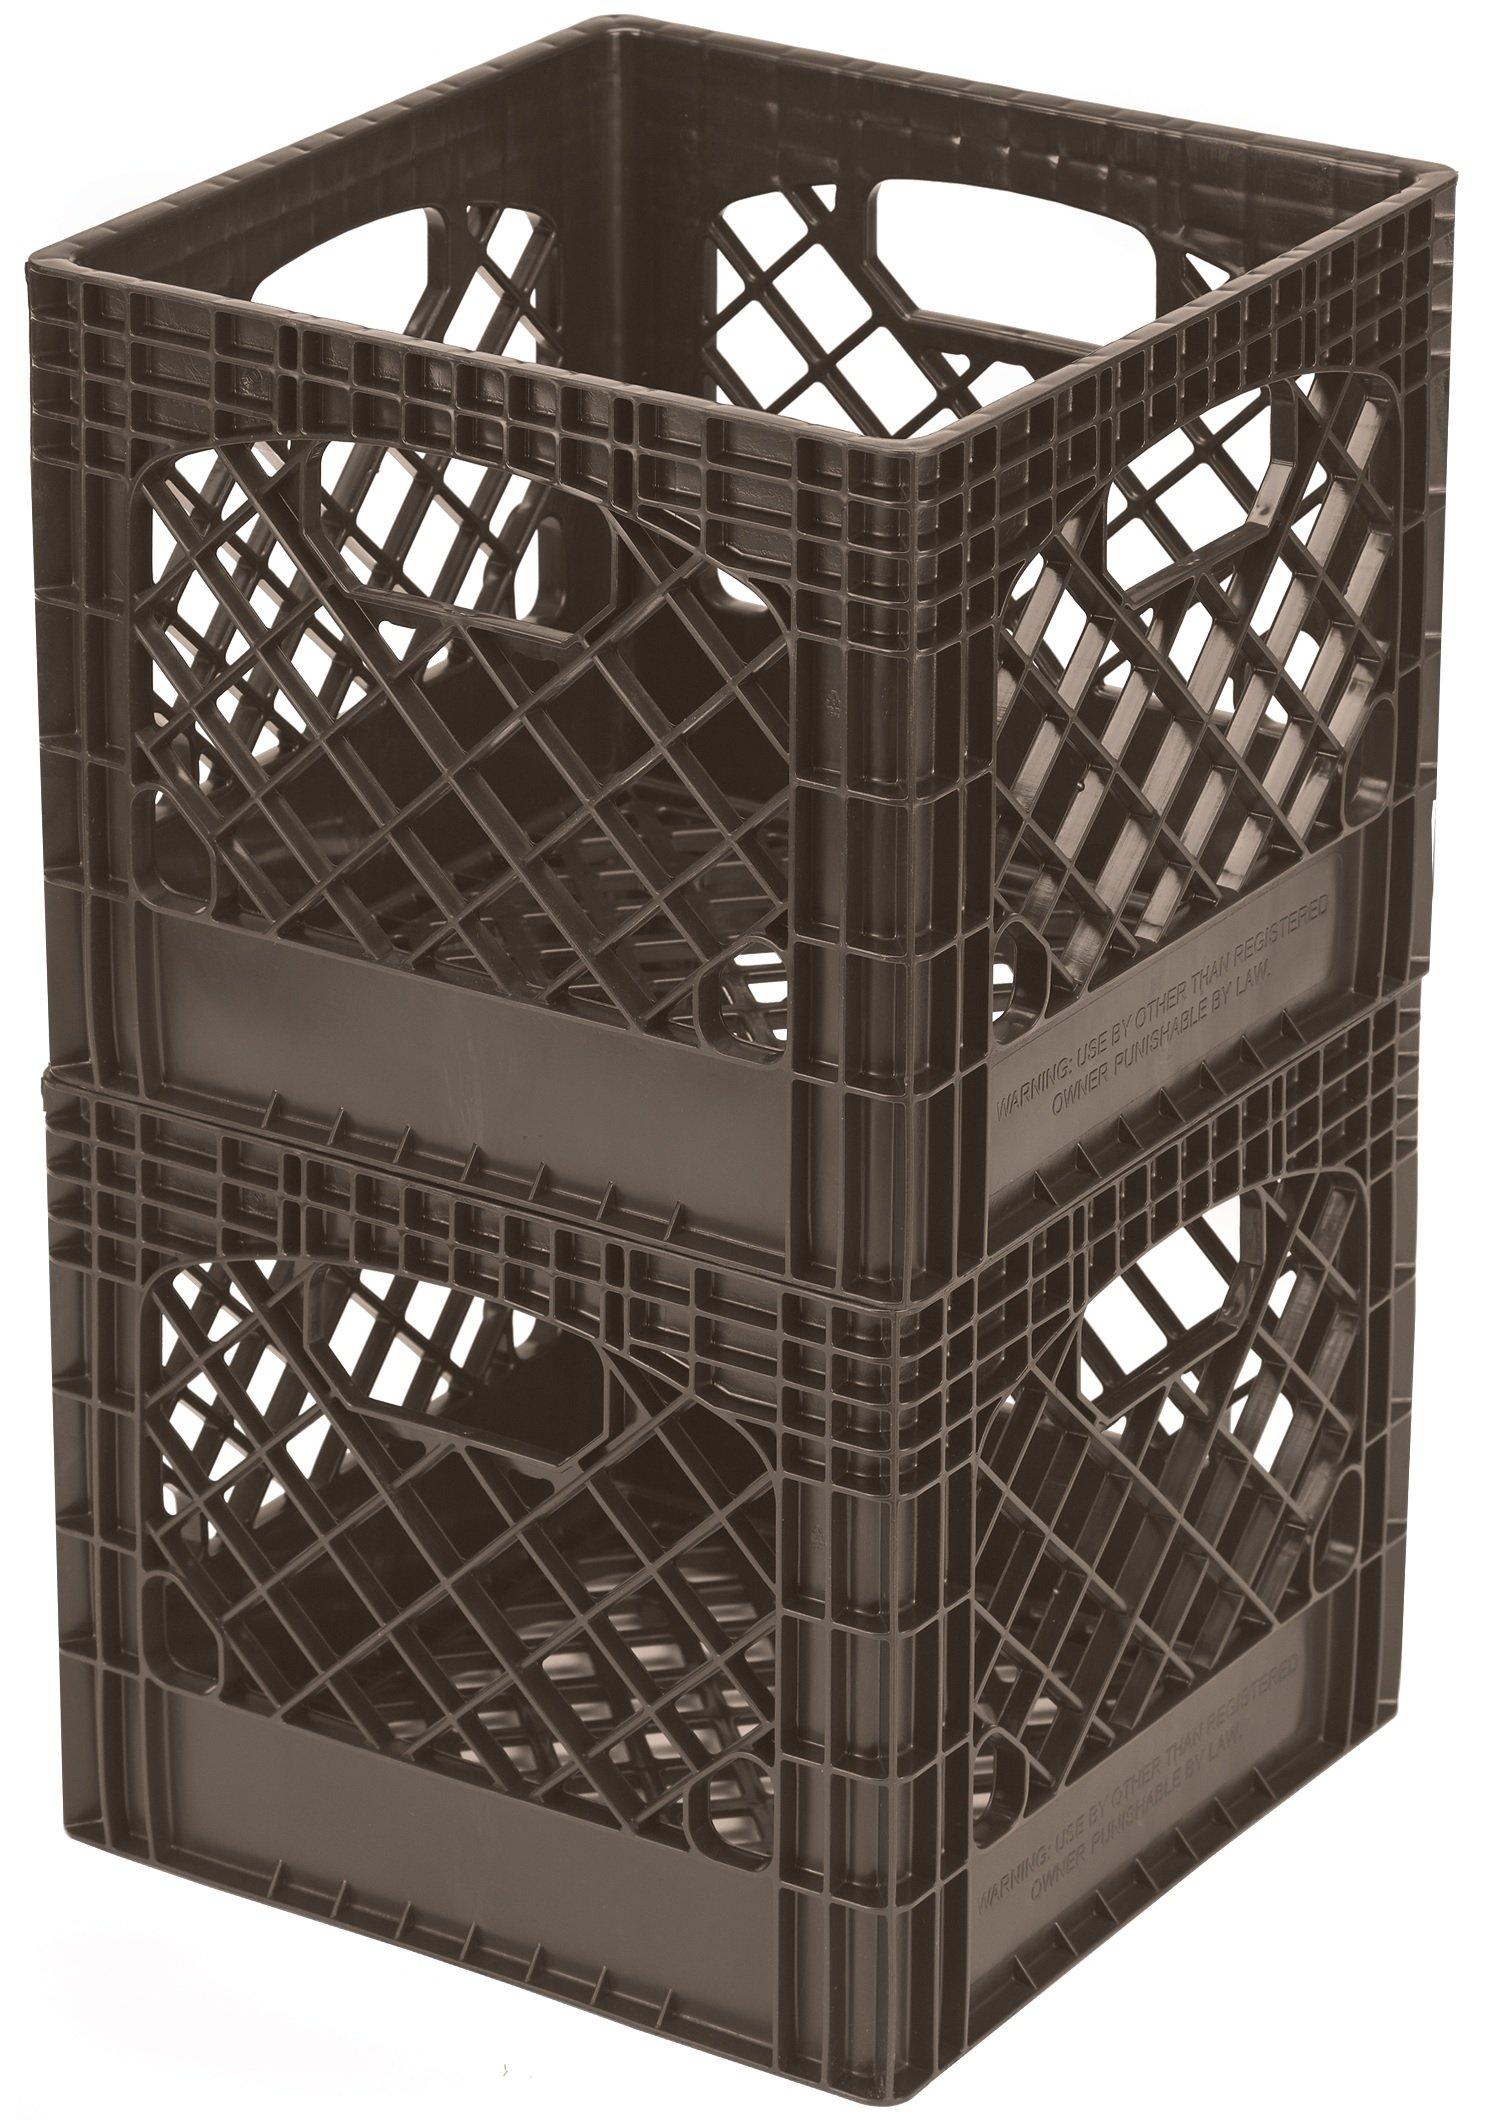 Buddeez MC01016BRN7533 Milk Crates, 16-Quart, Brown, 2-Pack by Buddeez